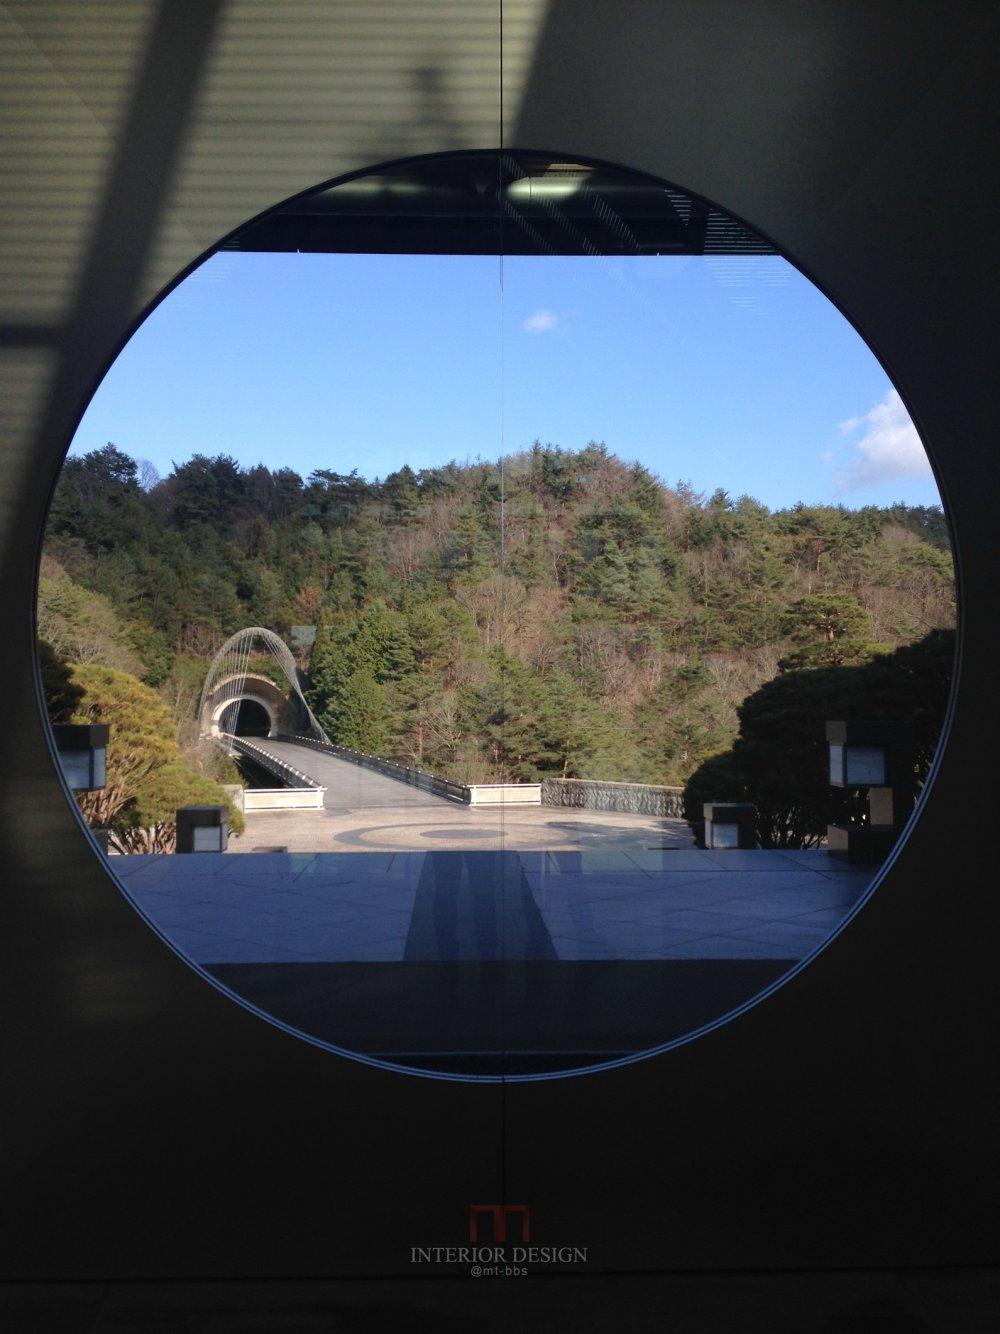 日本美秀美术馆MIHO MUSEUM自拍分享-贝聿铭_IMG_7209.JPG